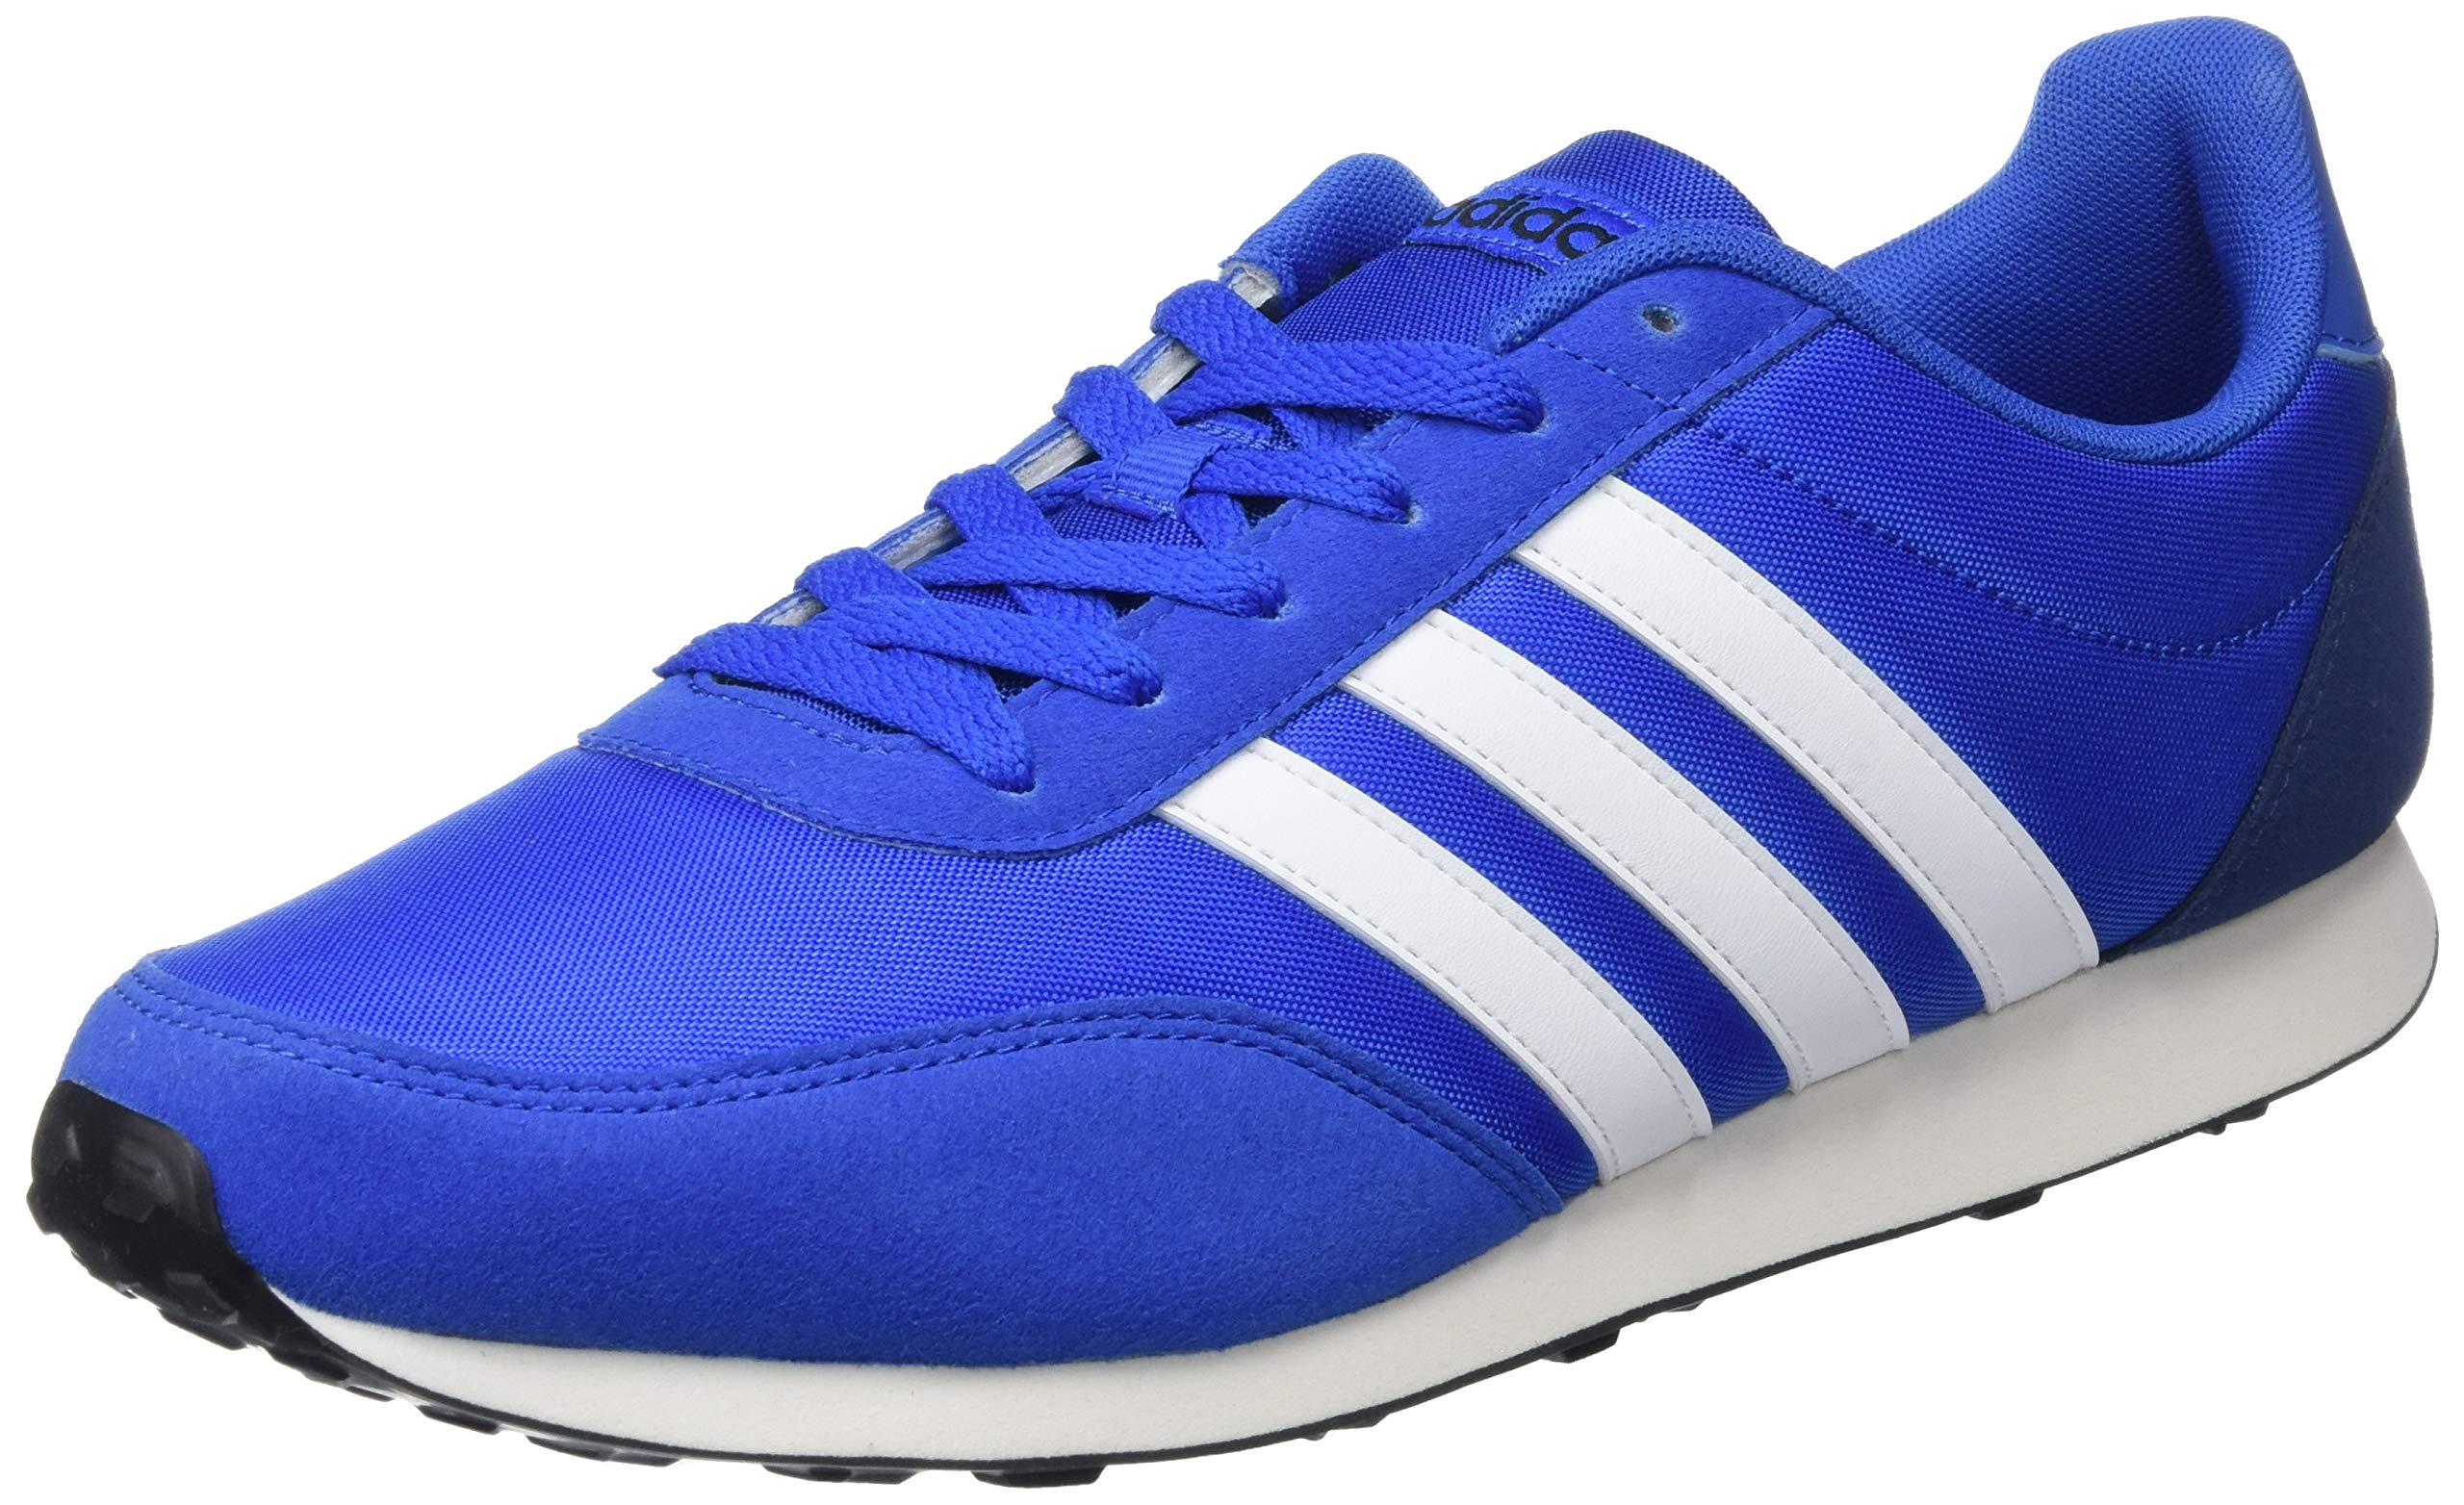 Racer HommeBleublue42 0 Bc0107Sneakers Adidas V Basses 2 Eu jqc34RALS5